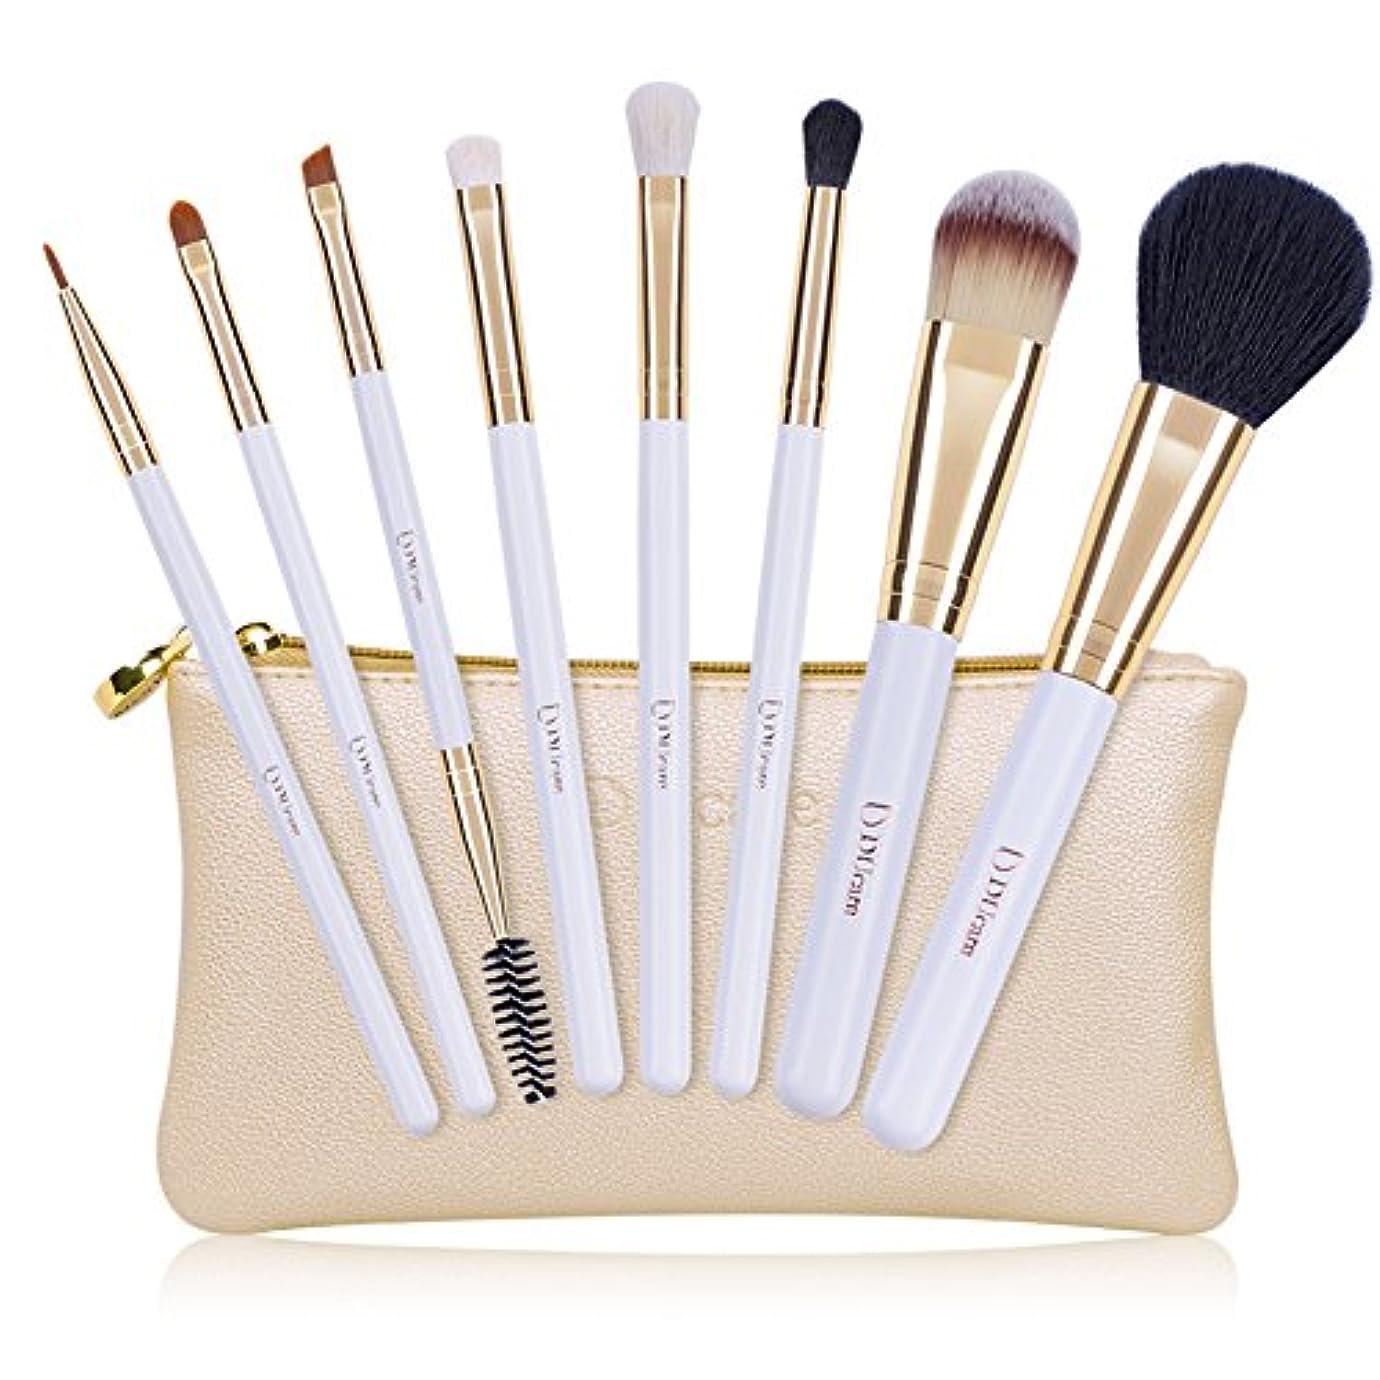 マーカーむちゃくちゃ血ドゥケア(DUcare) 化粧筆 メイクブラシ 8本セット 白尖峰&高級タクロン使用 ゴールドのレザー風化粧ポーチ付き